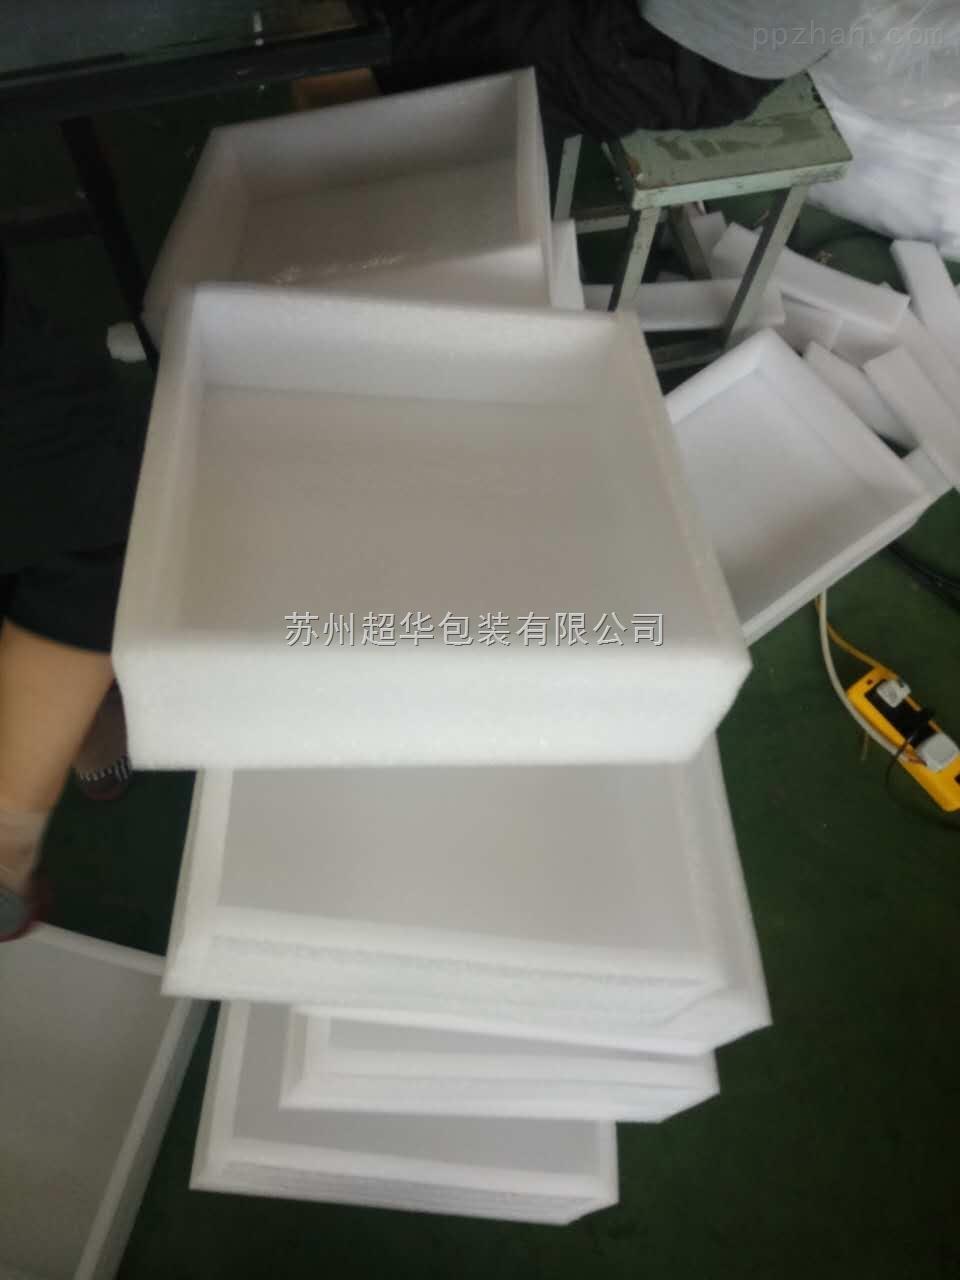 苏州供应白色珍珠棉箱子 EPE包装盒 厚度定制规格多样